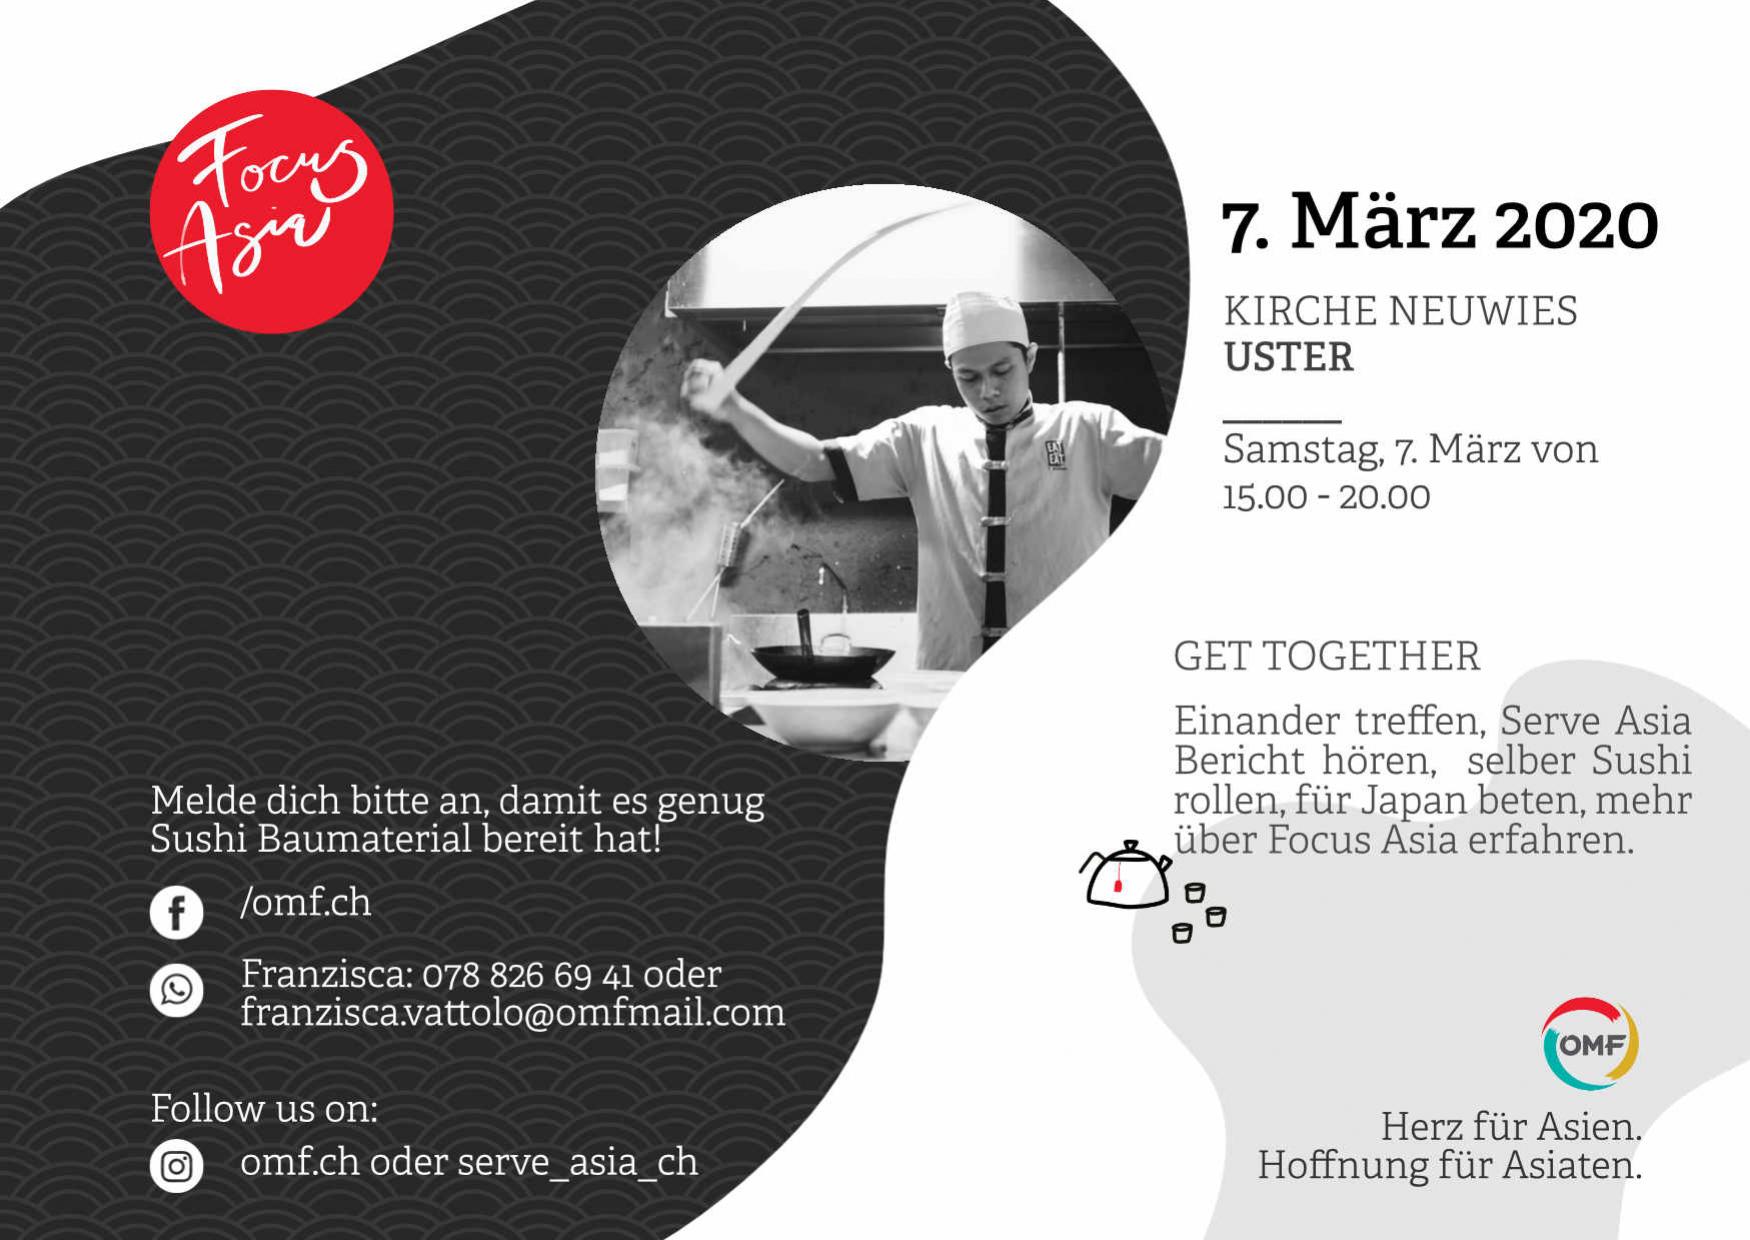 flyer-get-together